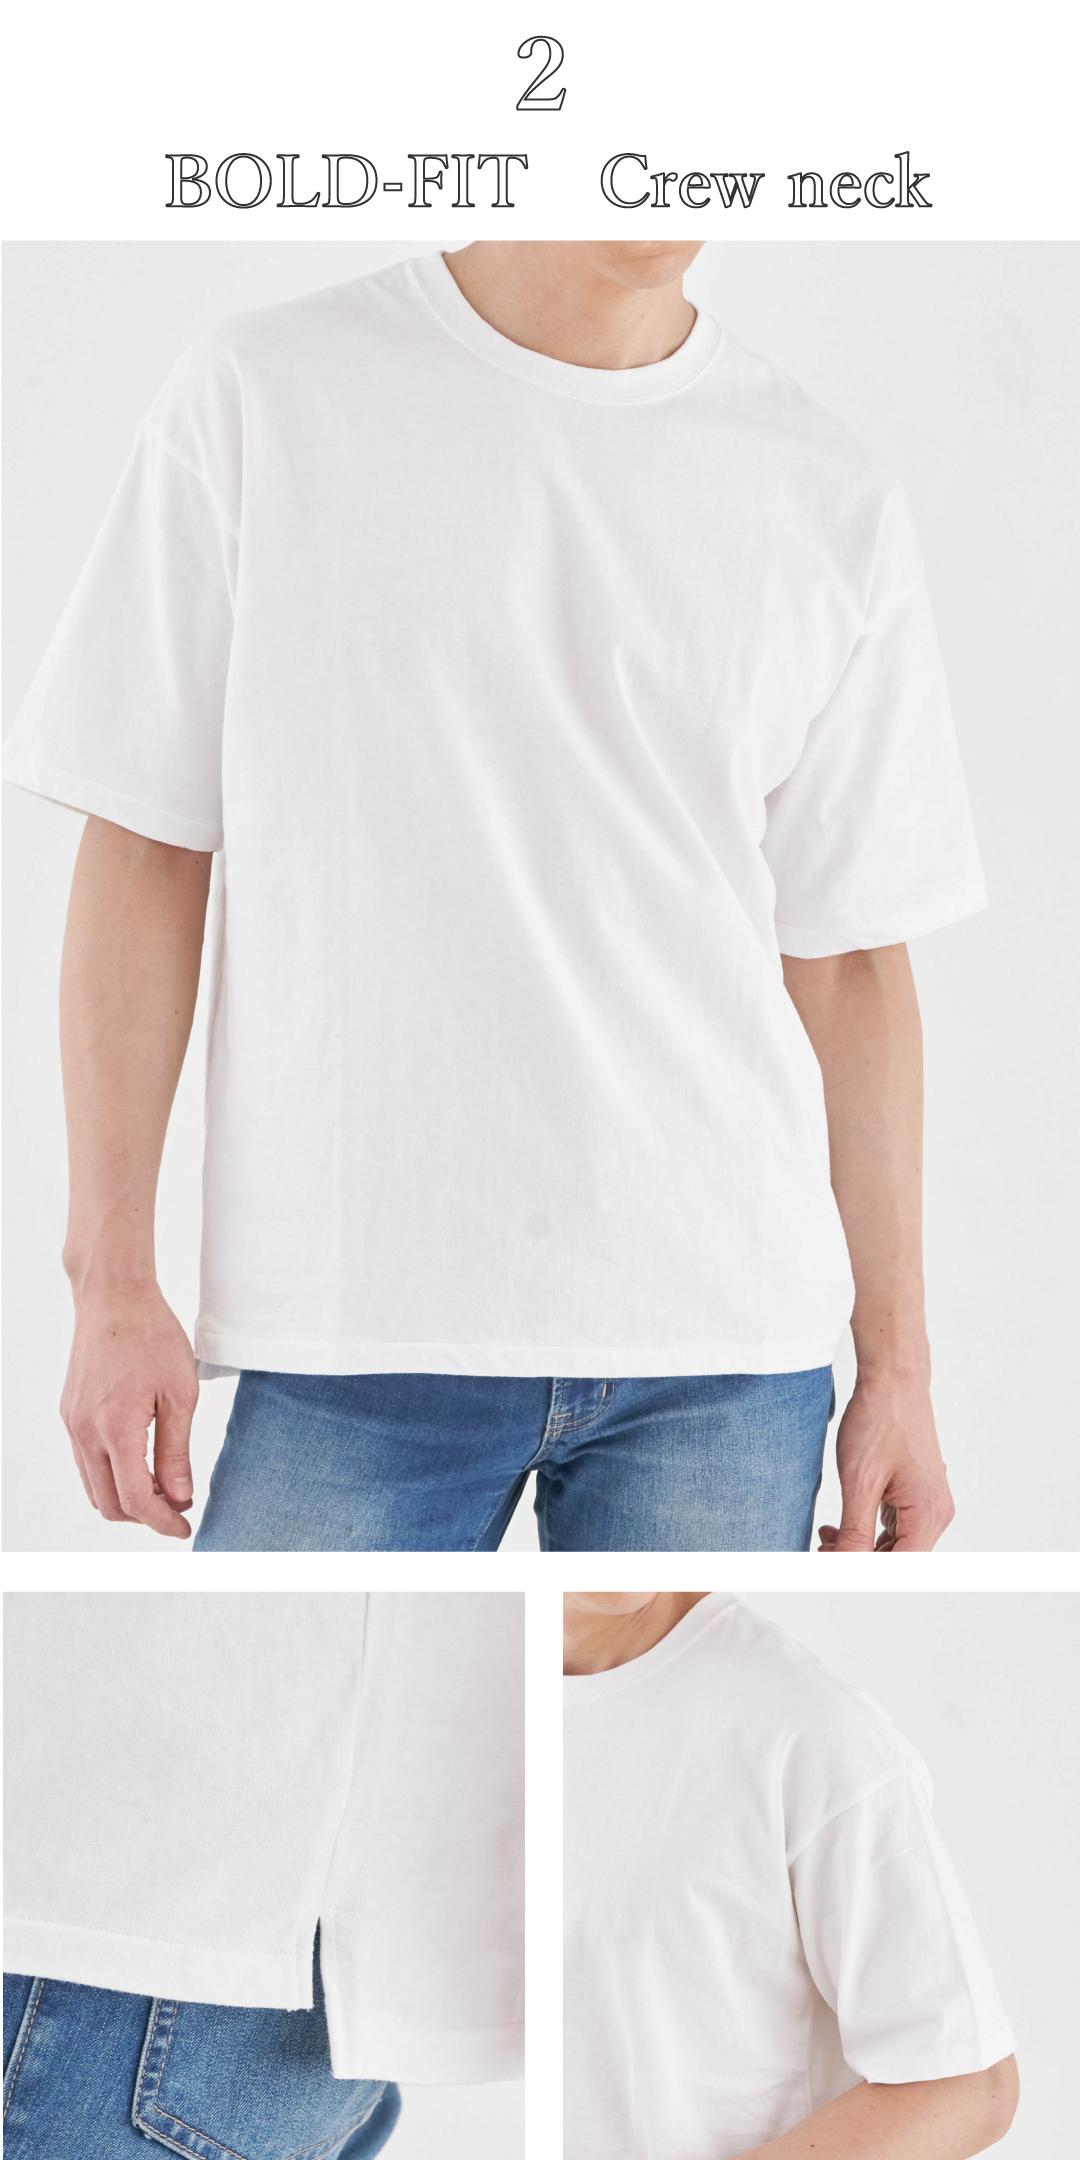 吊り編み 白Tシャツ 日本製 クルーネック ボールドフィット